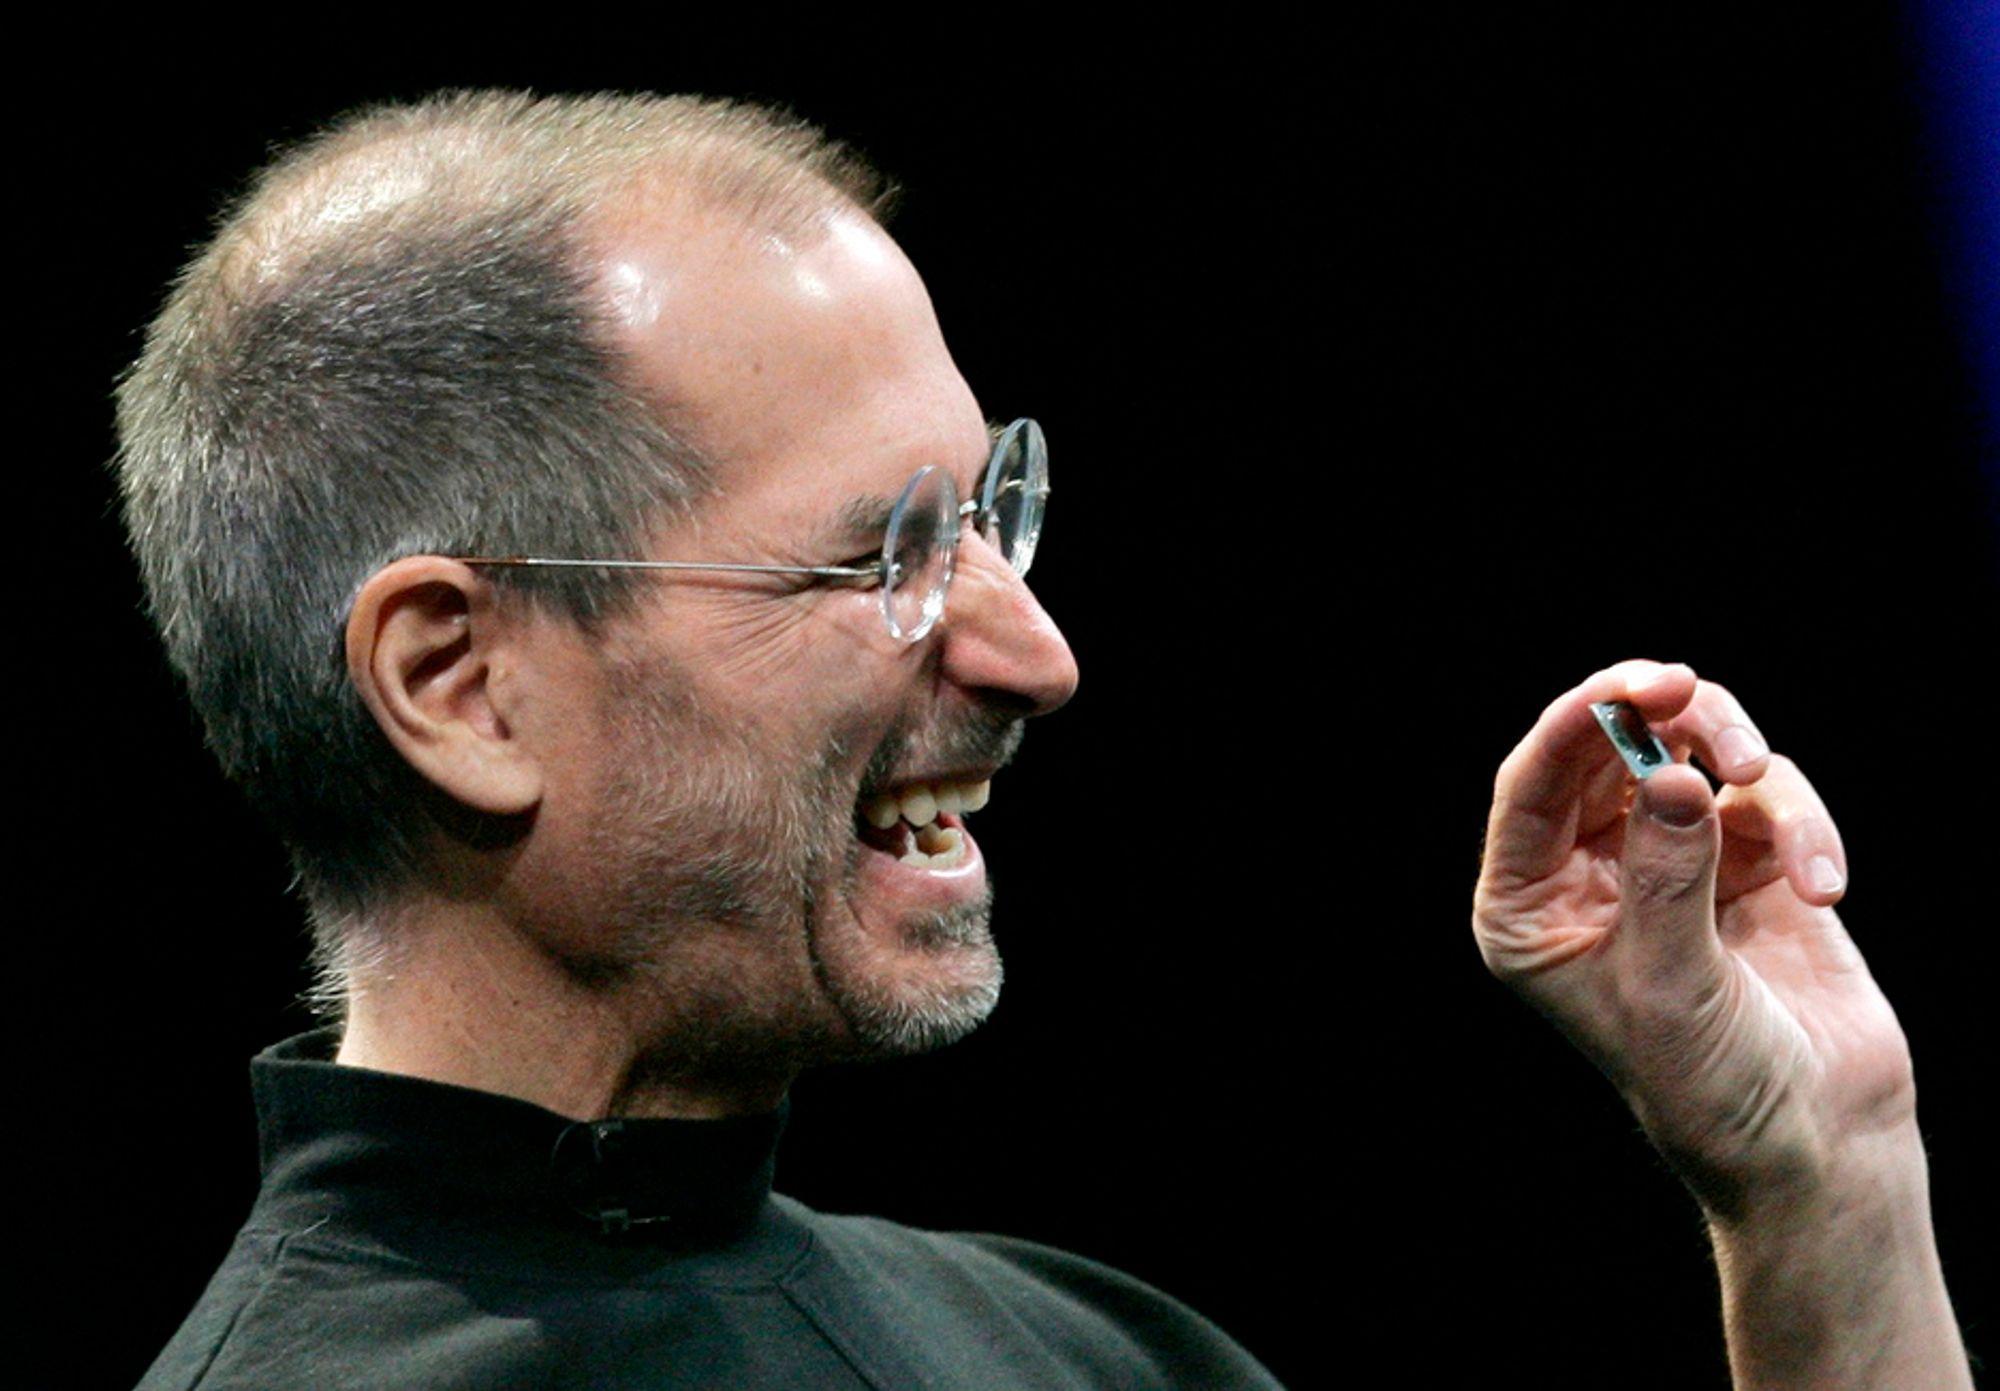 SUKSESS: Apple-sjef Steve Jobs kan se at selskapet hans går så det suser. Opp, opp og opp er stikkordene i år.